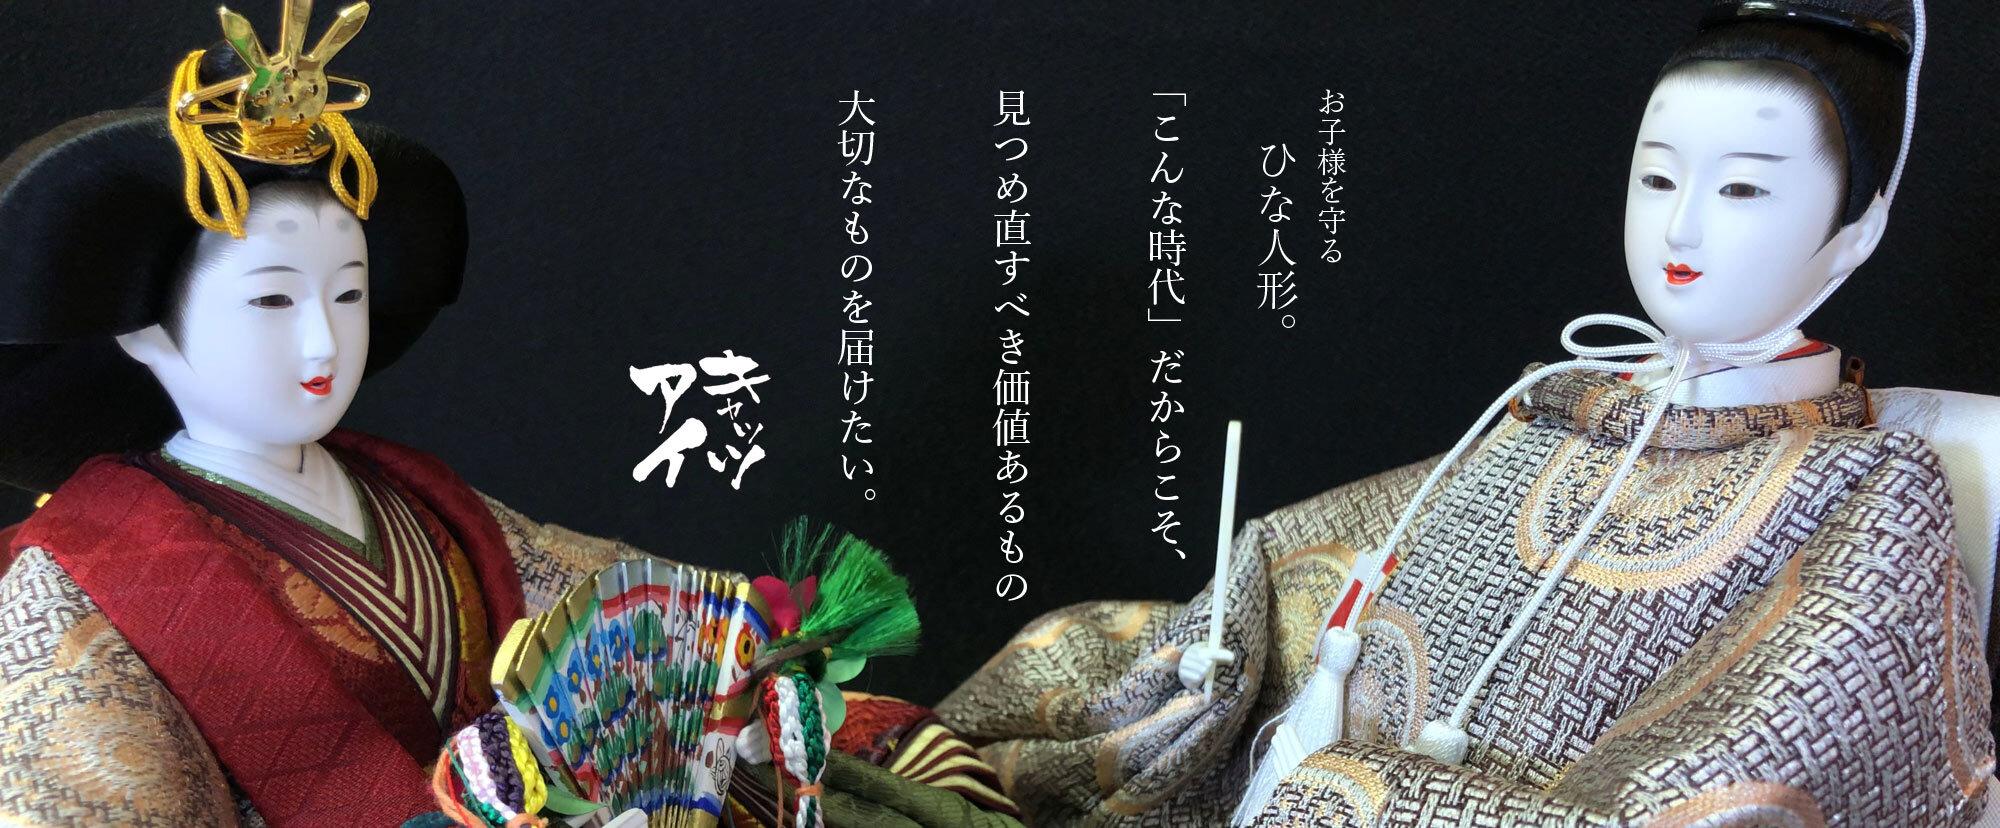 https://www.catseye.co.jp/